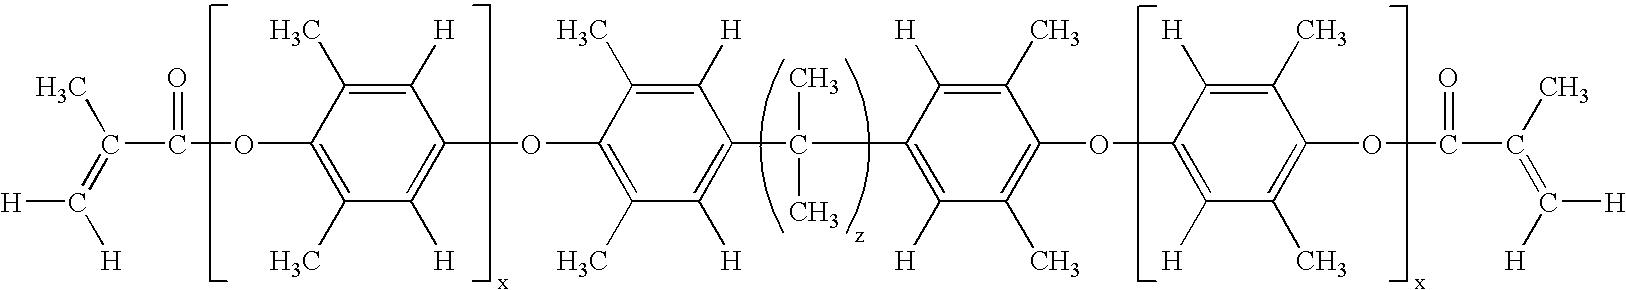 Figure US20080051522A1-20080228-C00024